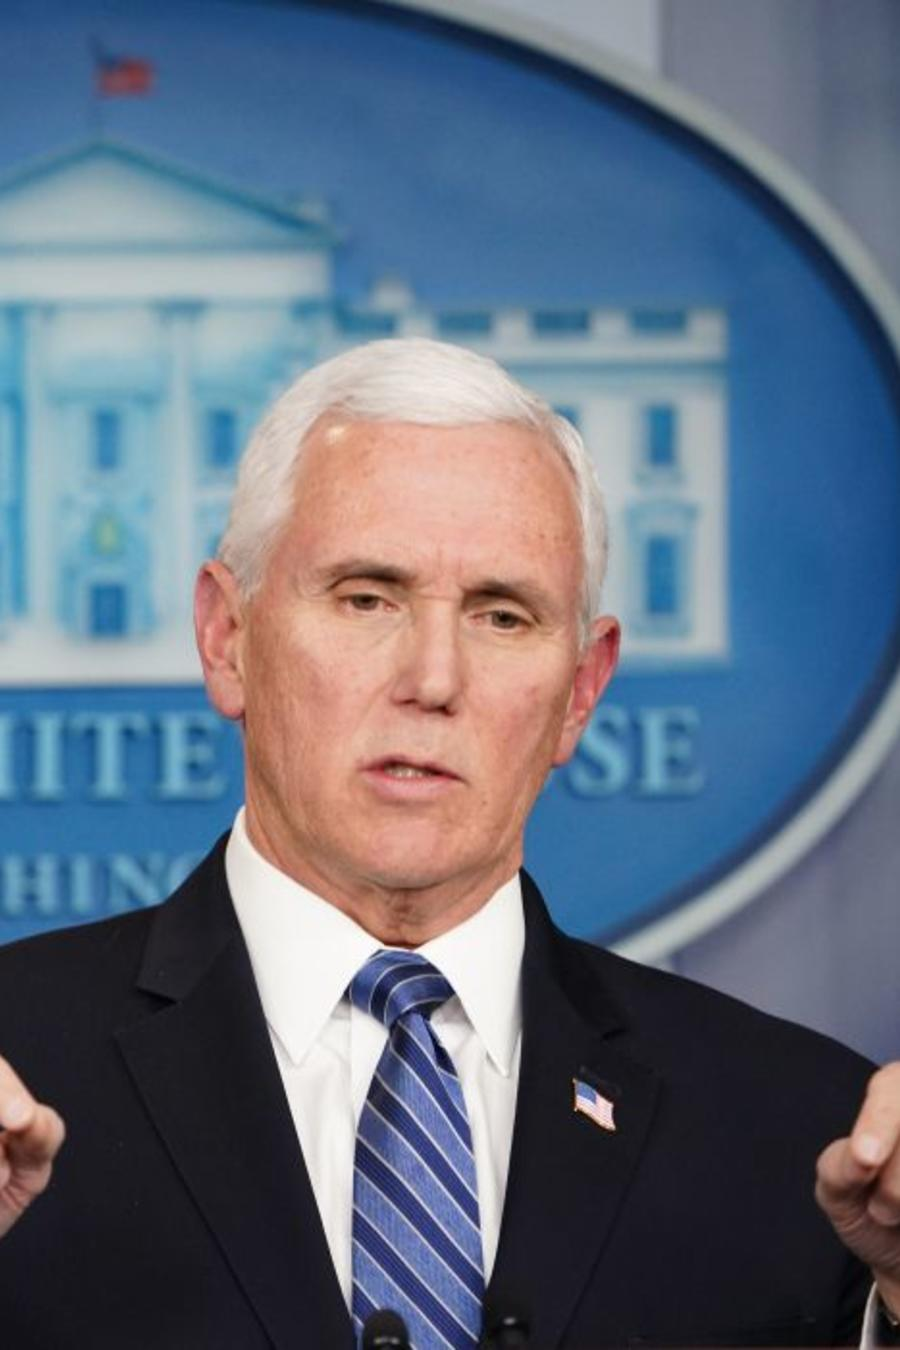 El vicepresidente Mike Pence en conferencia de prensa este lunes sobre la propagación del coronavirus en Estados Unidos.